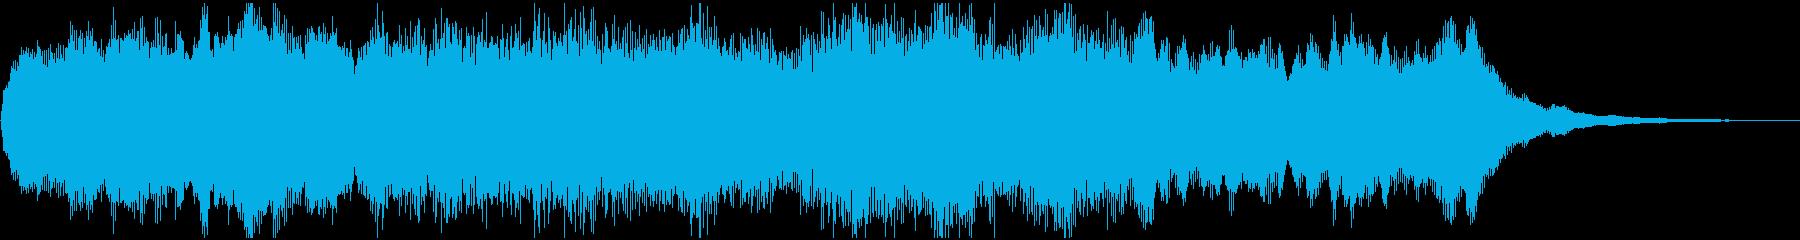 ジングル:きらめき、ゲームクリアの再生済みの波形